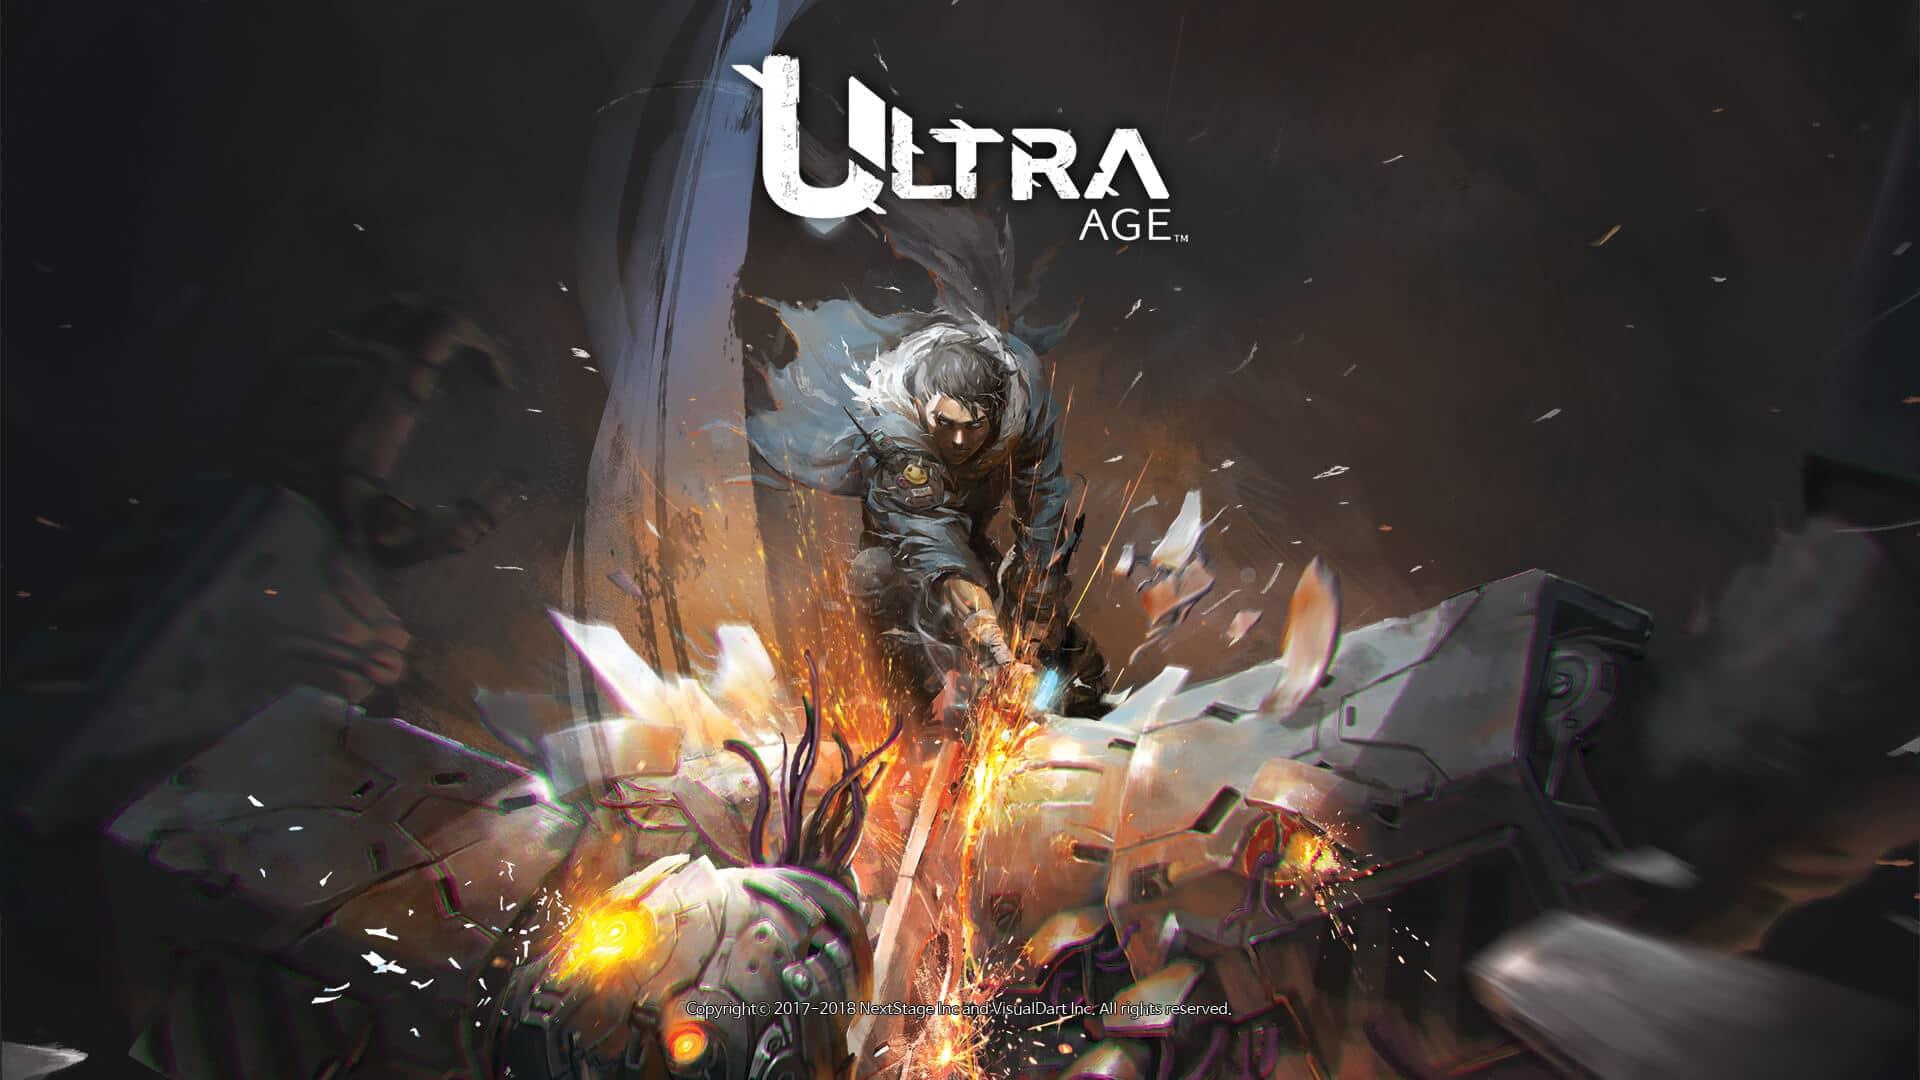 Anuncian nuevo juego para PS4: Ultra Age